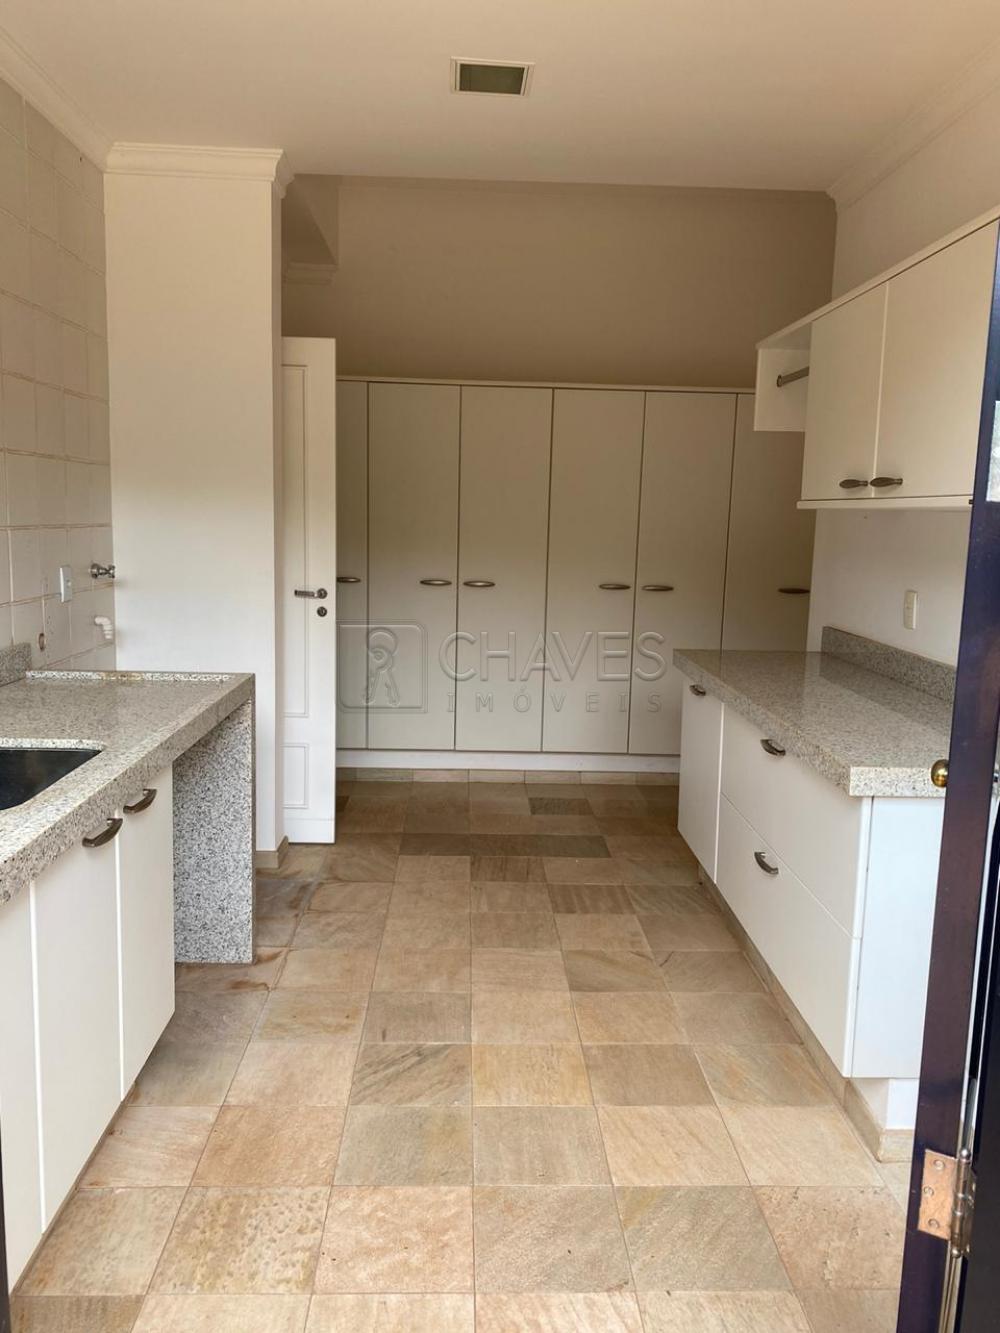 Comprar Casa / Condomínio em Ribeirão Preto apenas R$ 4.900.000,00 - Foto 13